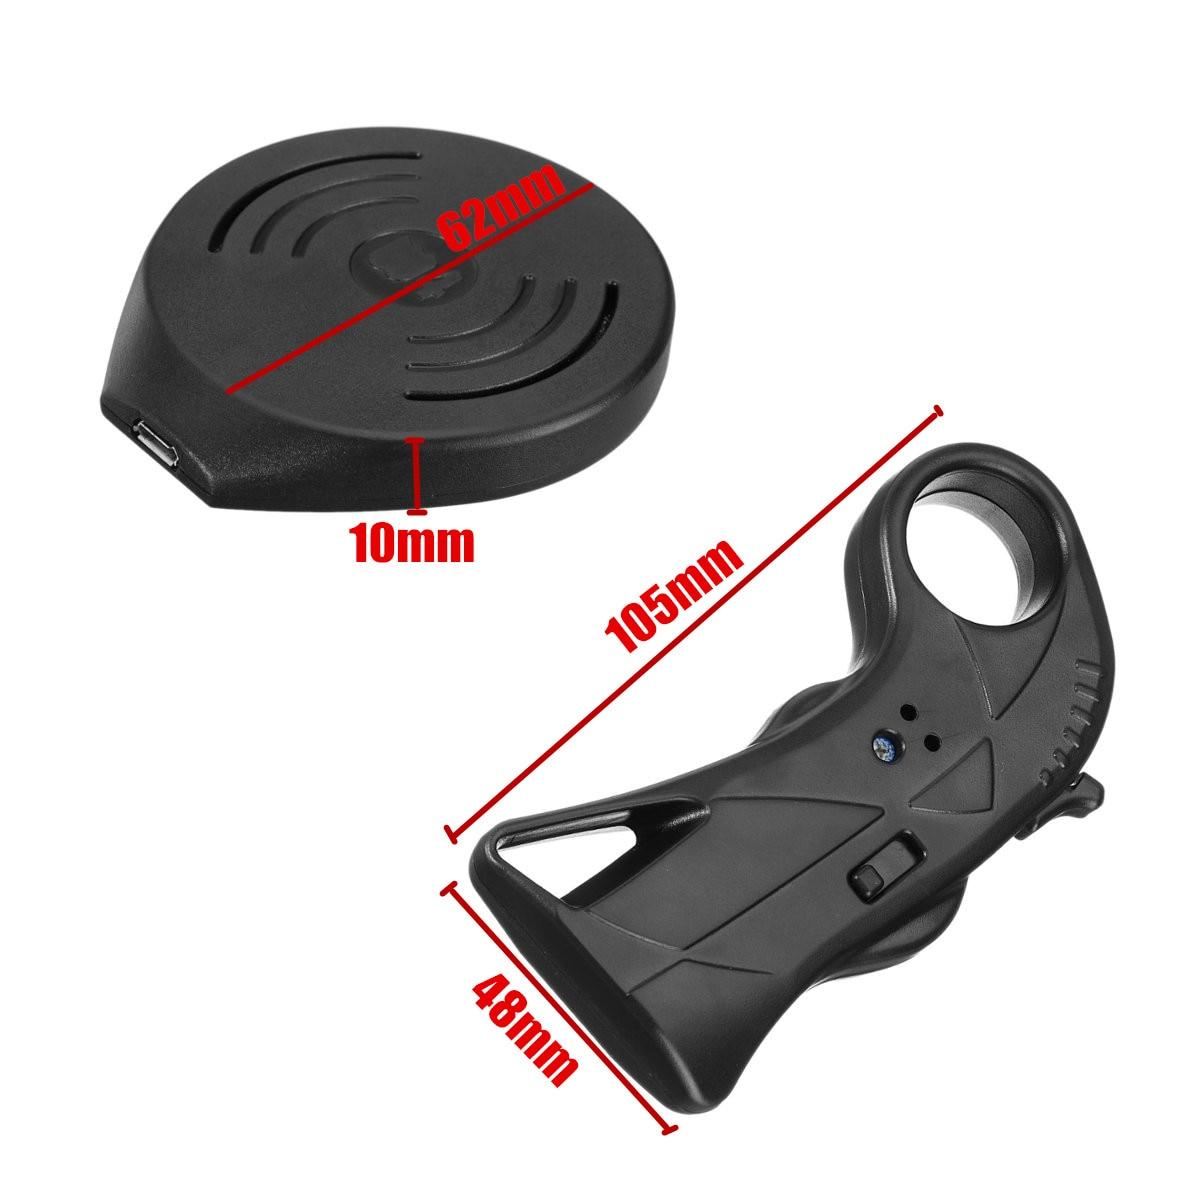 2.4 Ghz télécommande électrique de planche à roulettes avec le récepteur universel pour le Scooter de planche à roulettes de Longboard imperméable - 5